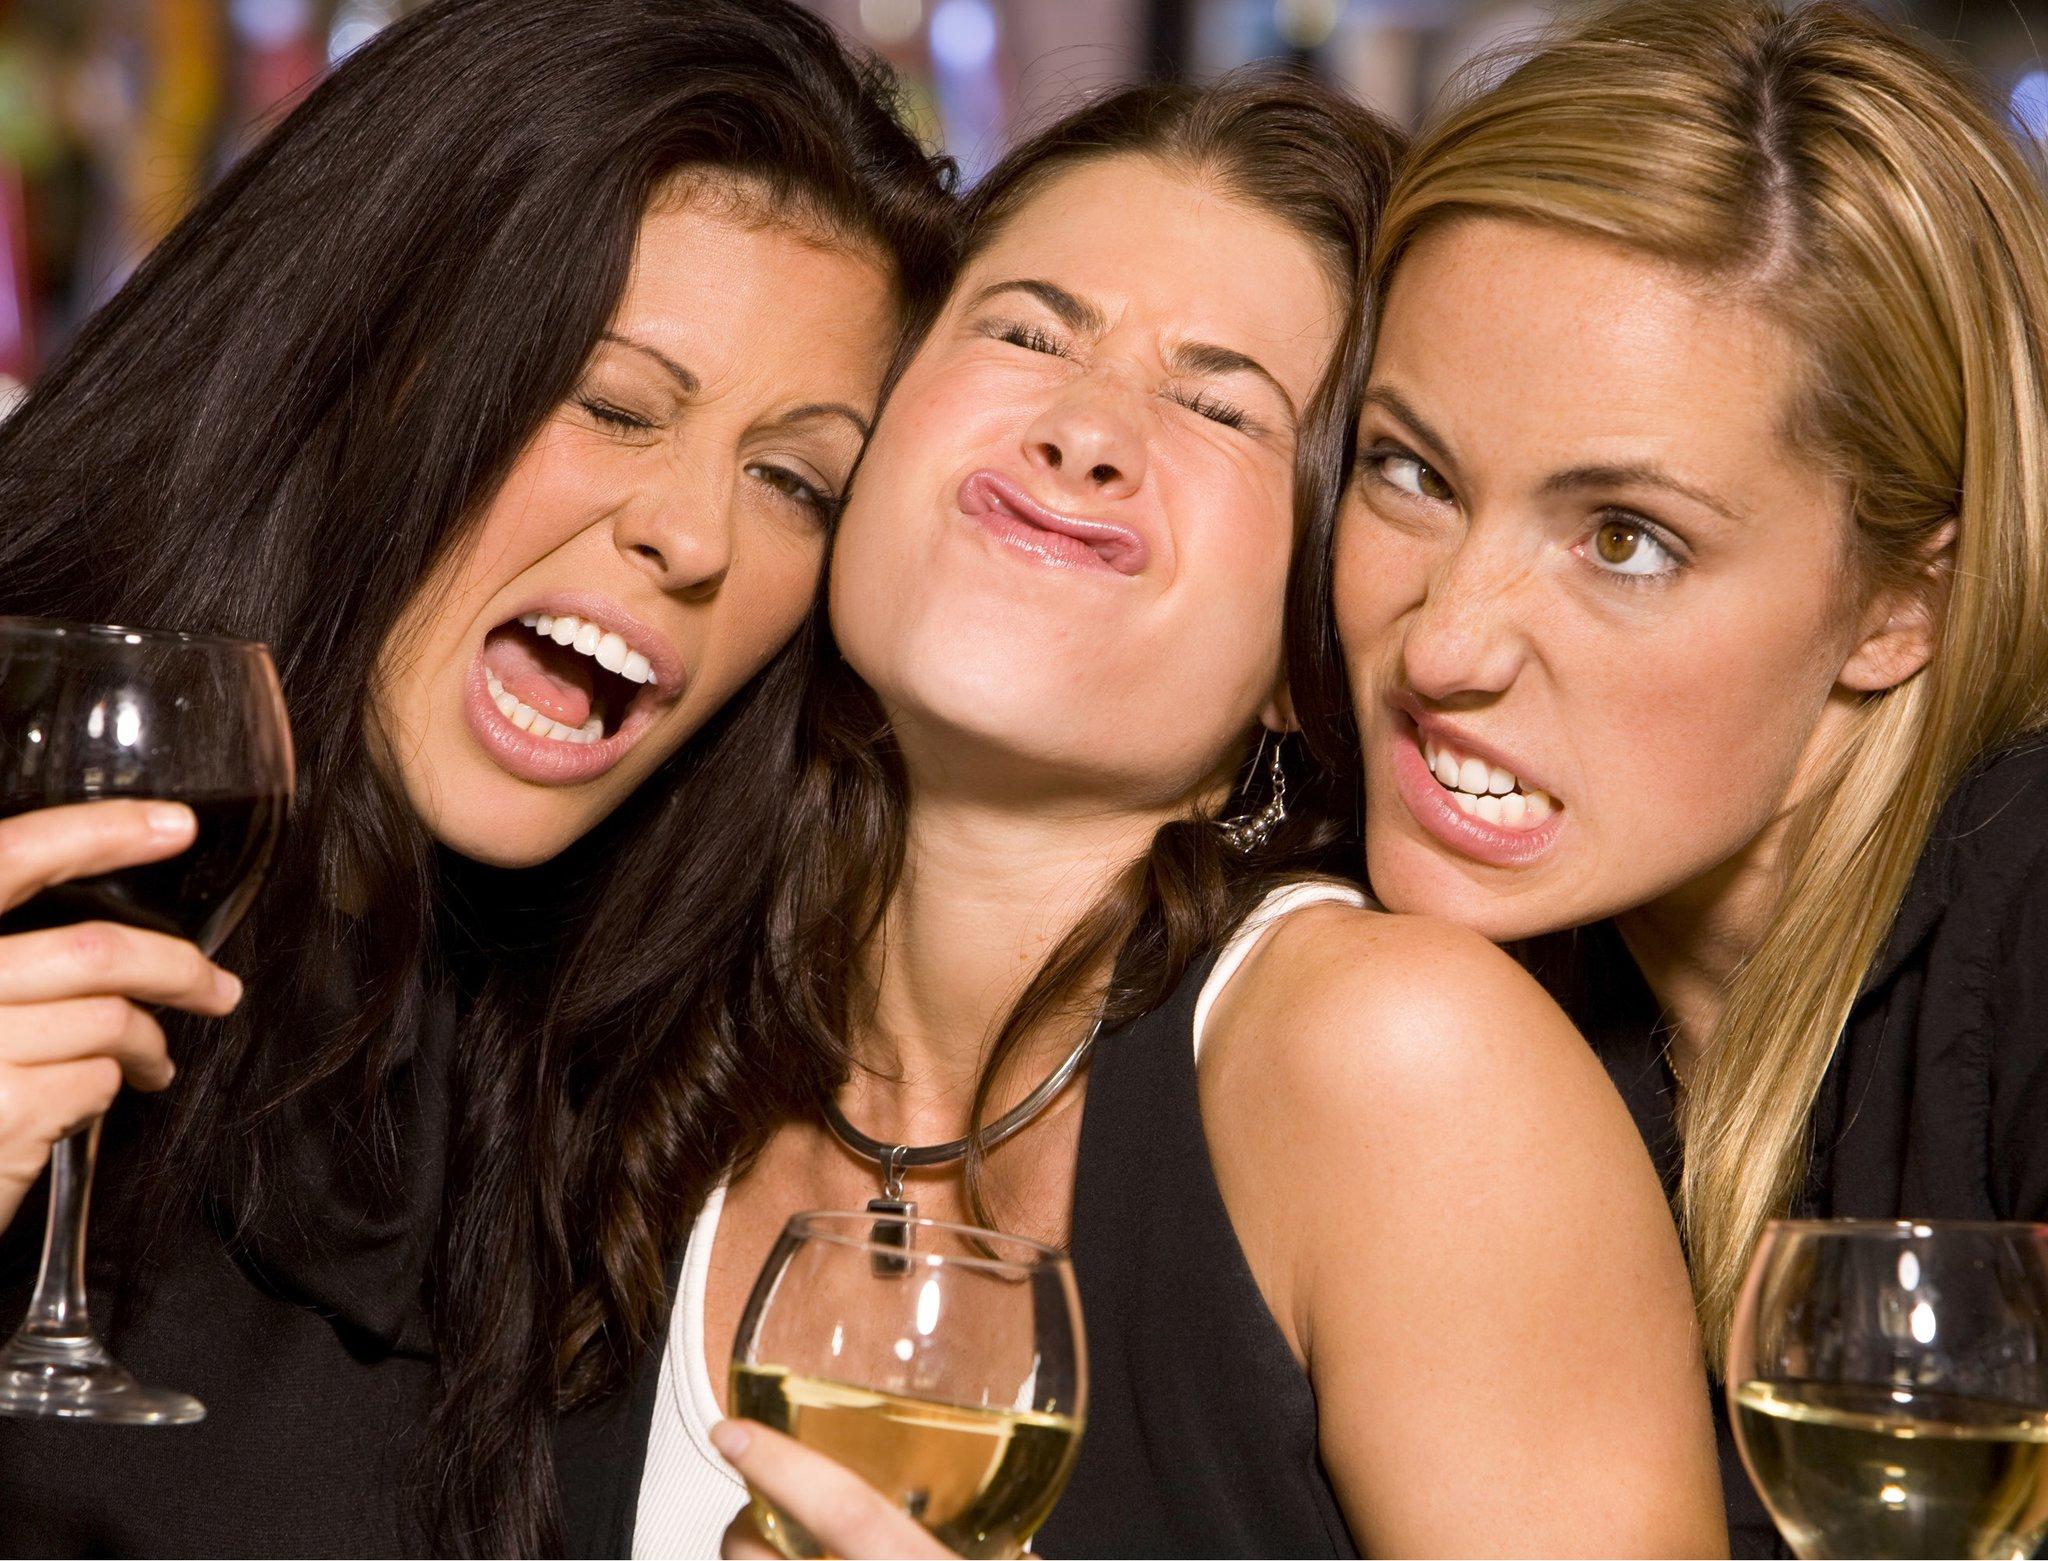 Смешные подруги картинки фото, открытке